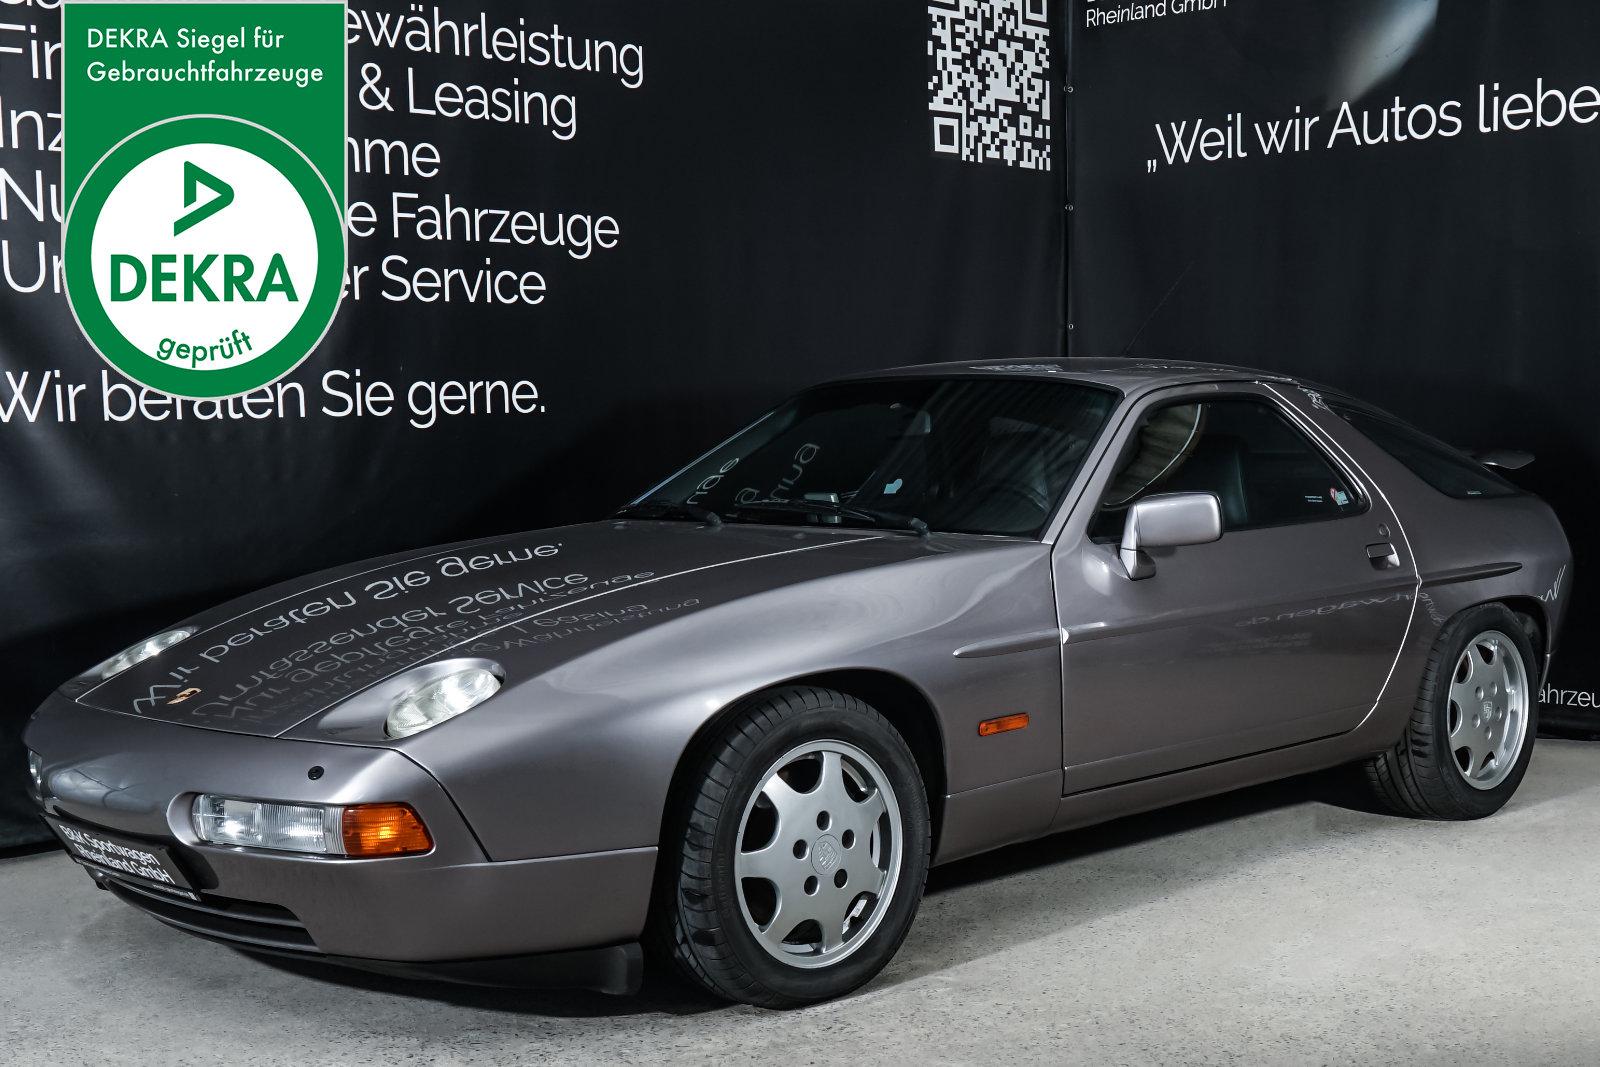 Porsche_928_Grey_Black_POR-0325_Plakette_w